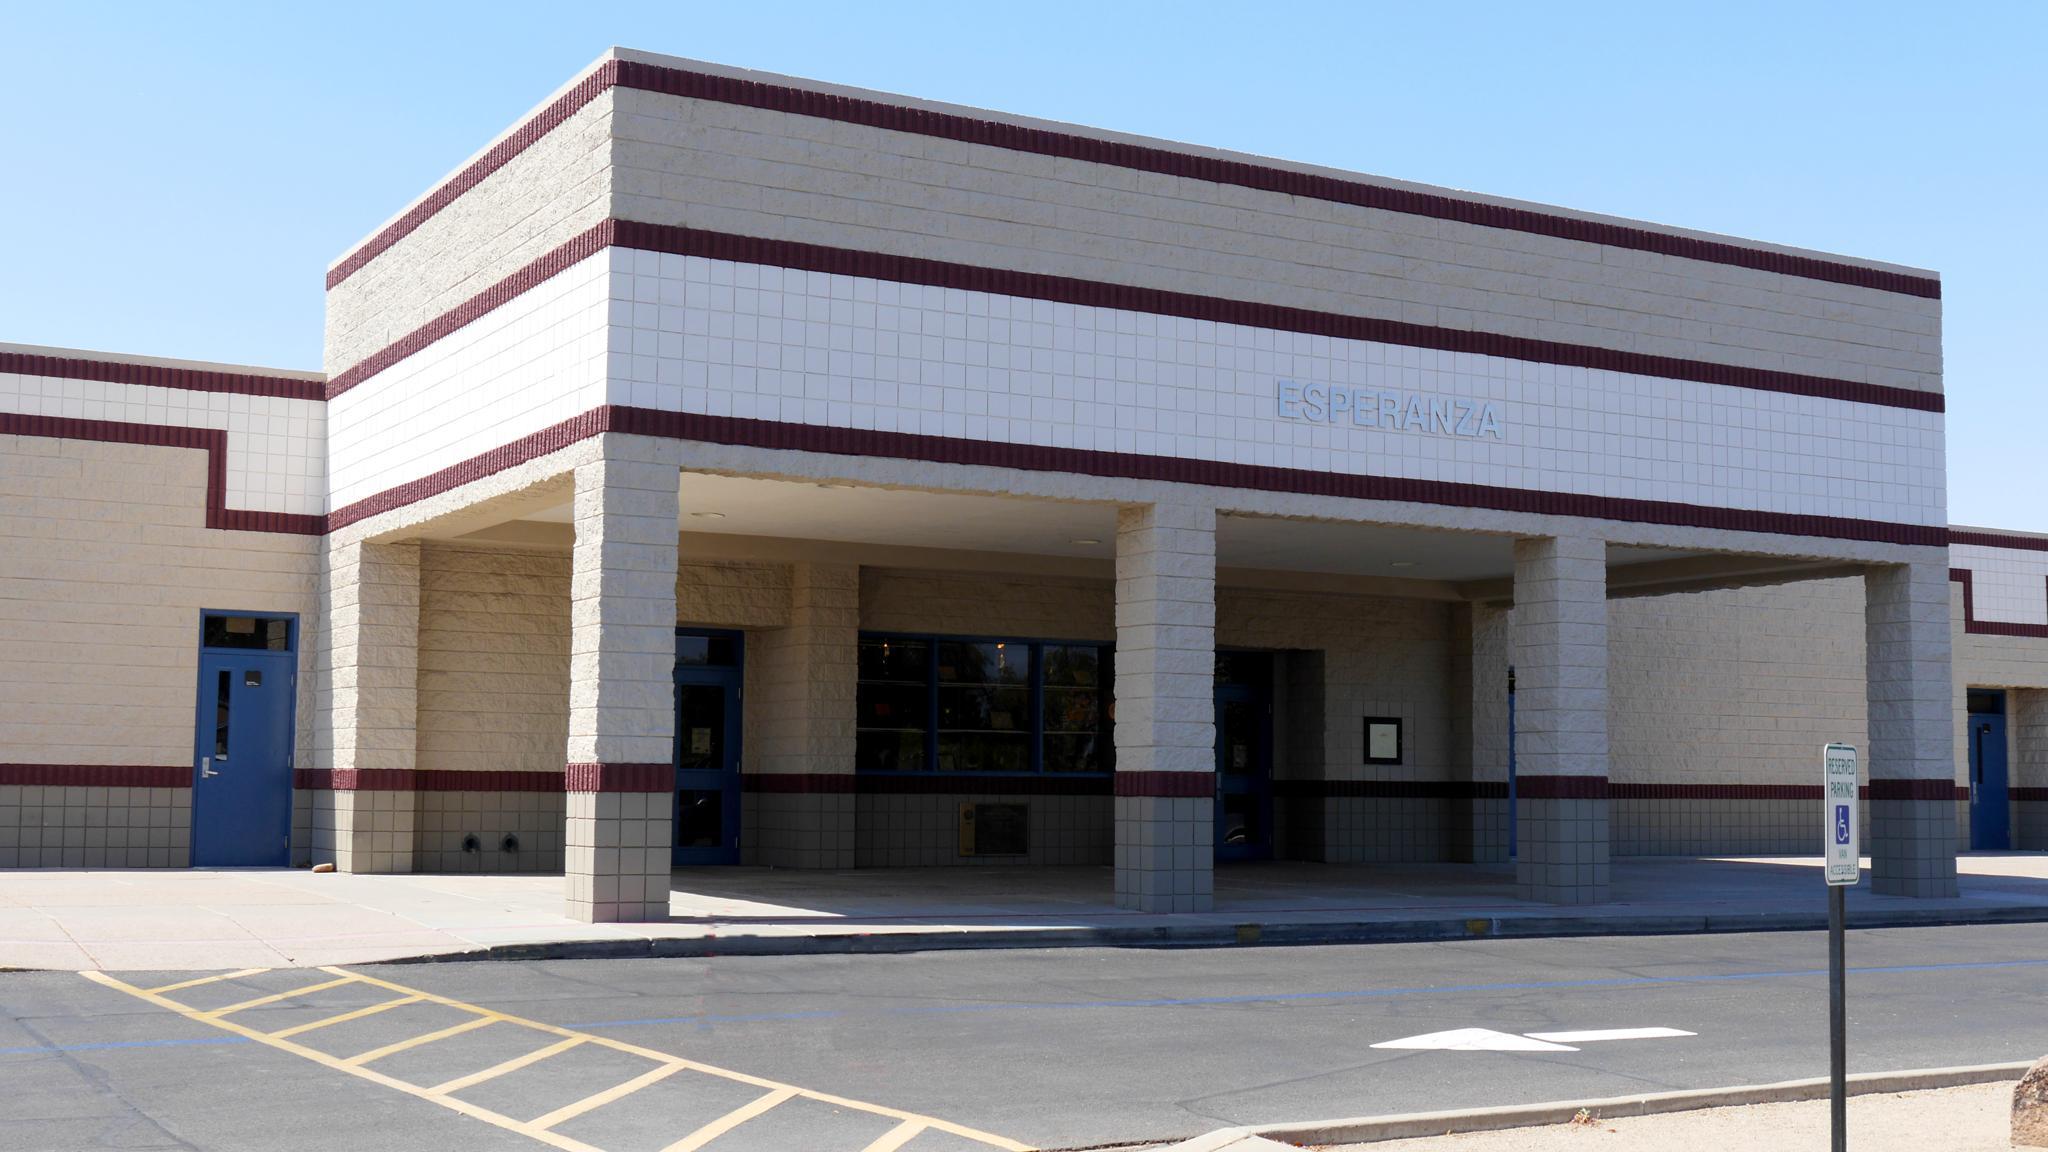 Esperanza Elementary School